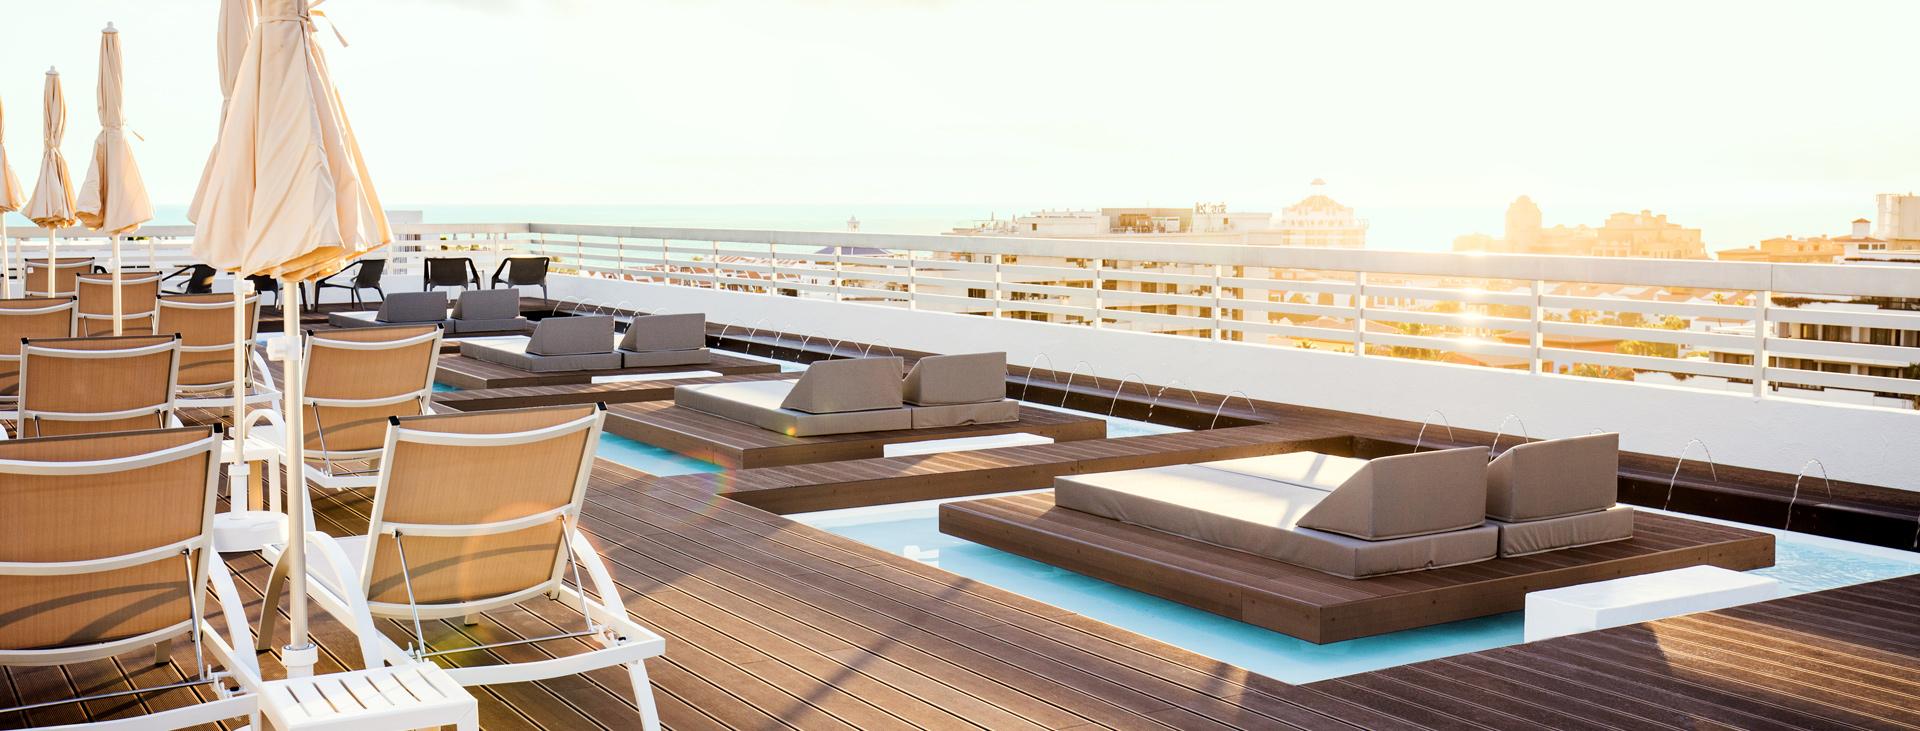 Sunprime Coral Suites & Spa, Playa de las Américas, Tenerife, De Kanariske Øer